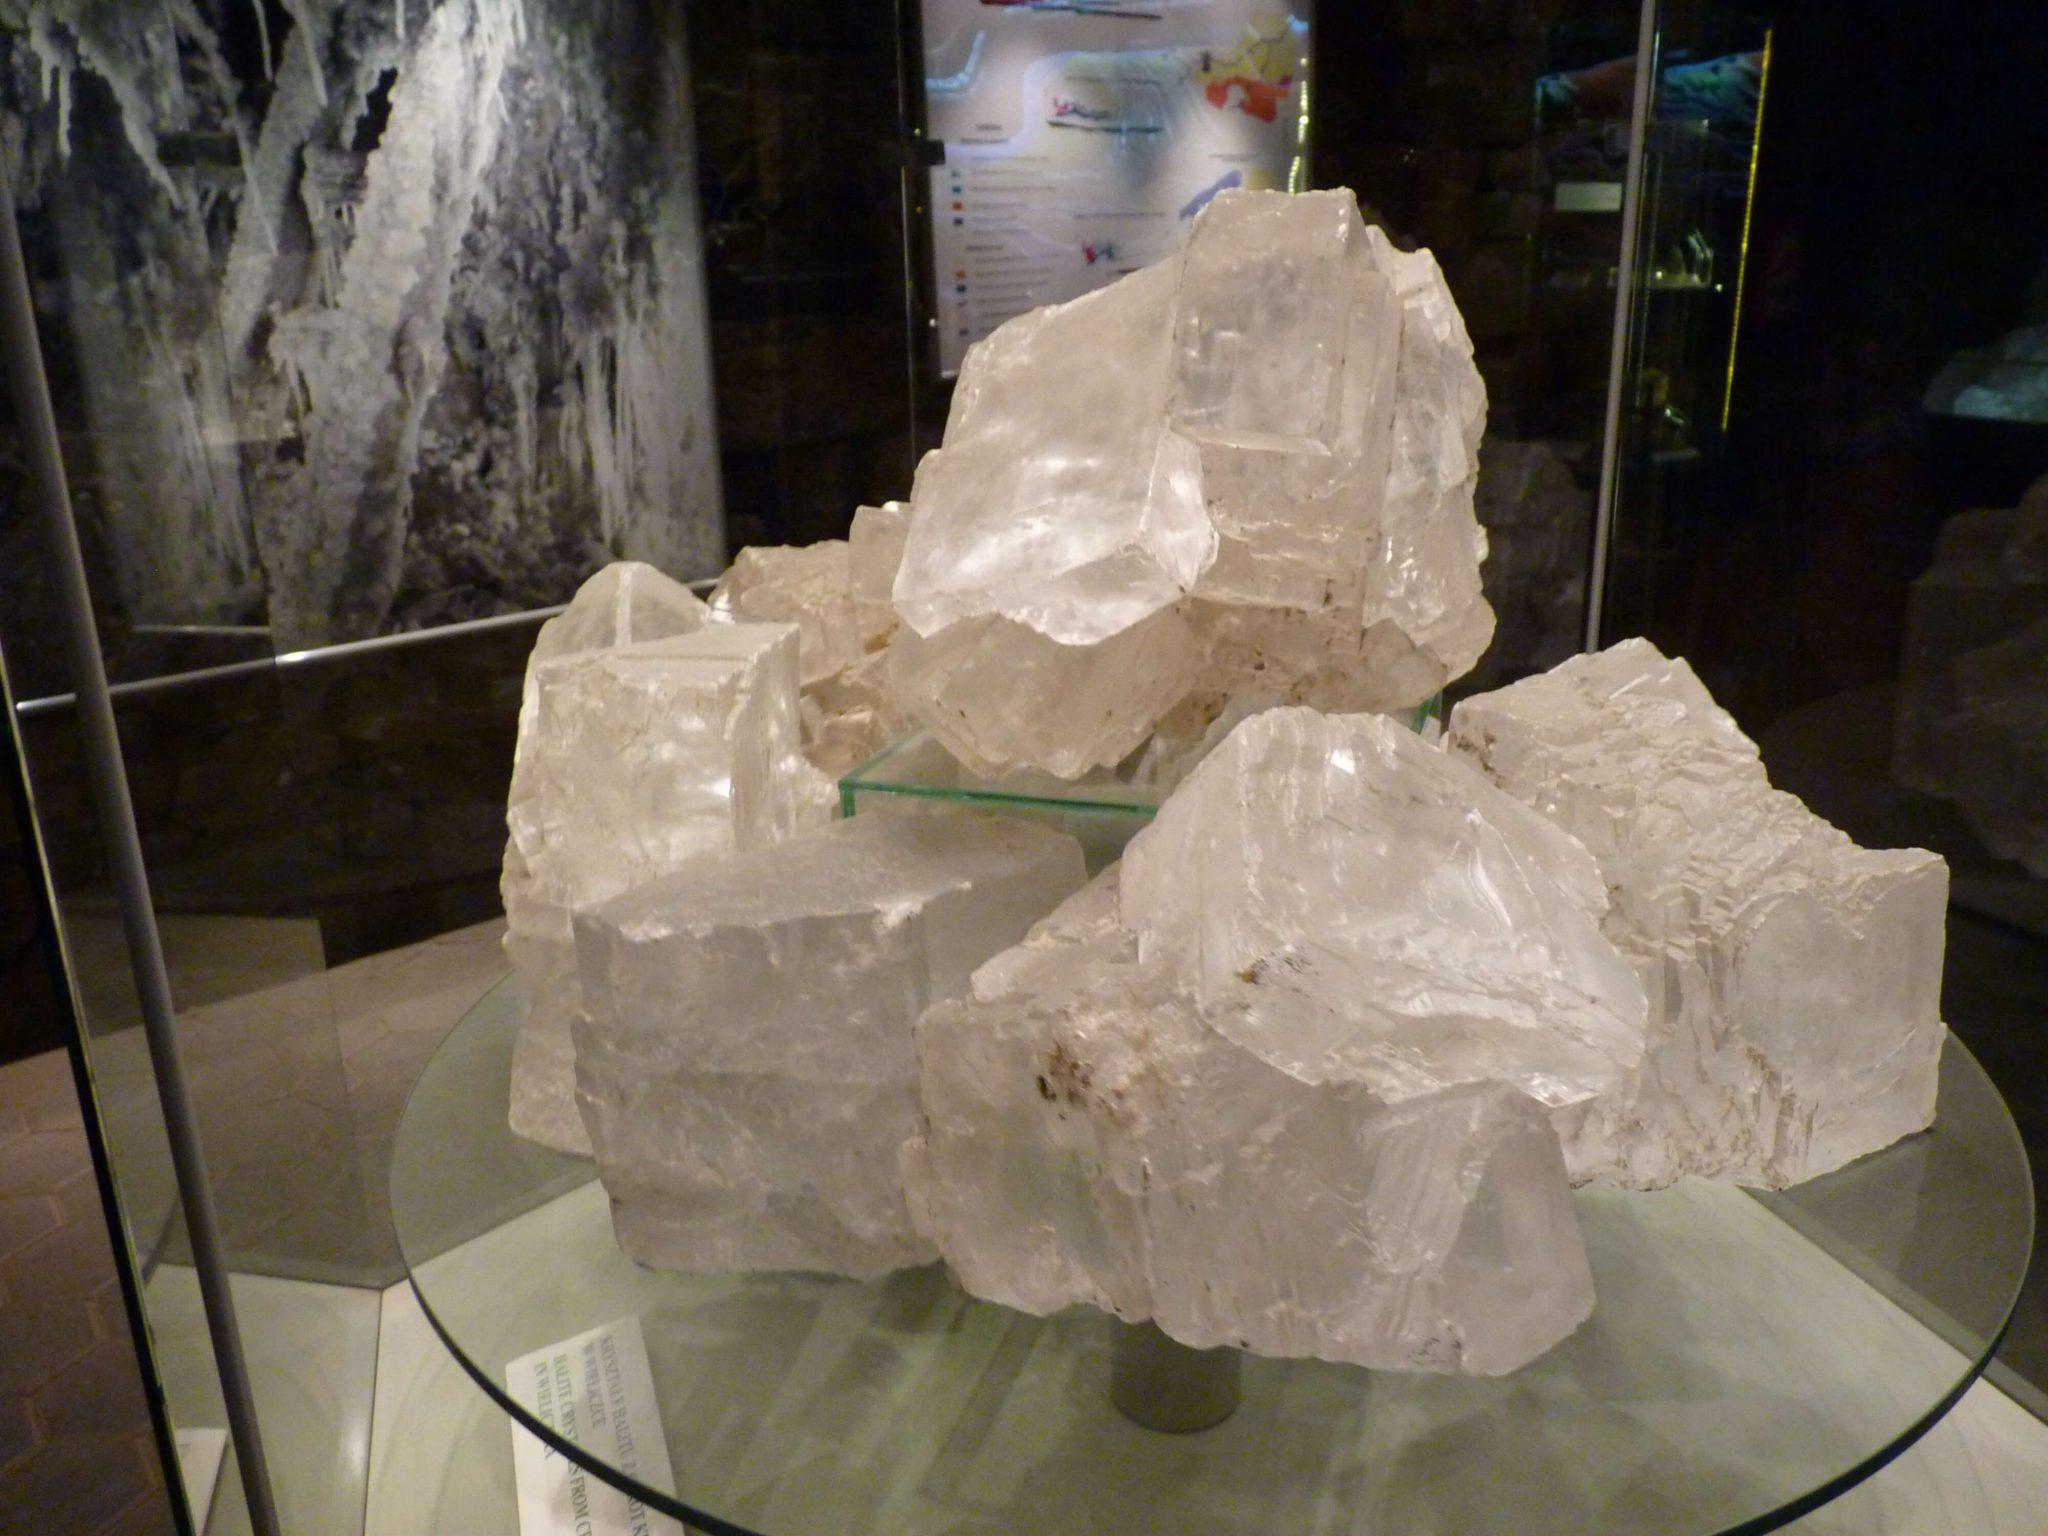 Exposição 02 Minas de Sal de Wieliczka Polónia Mundo Indefinido